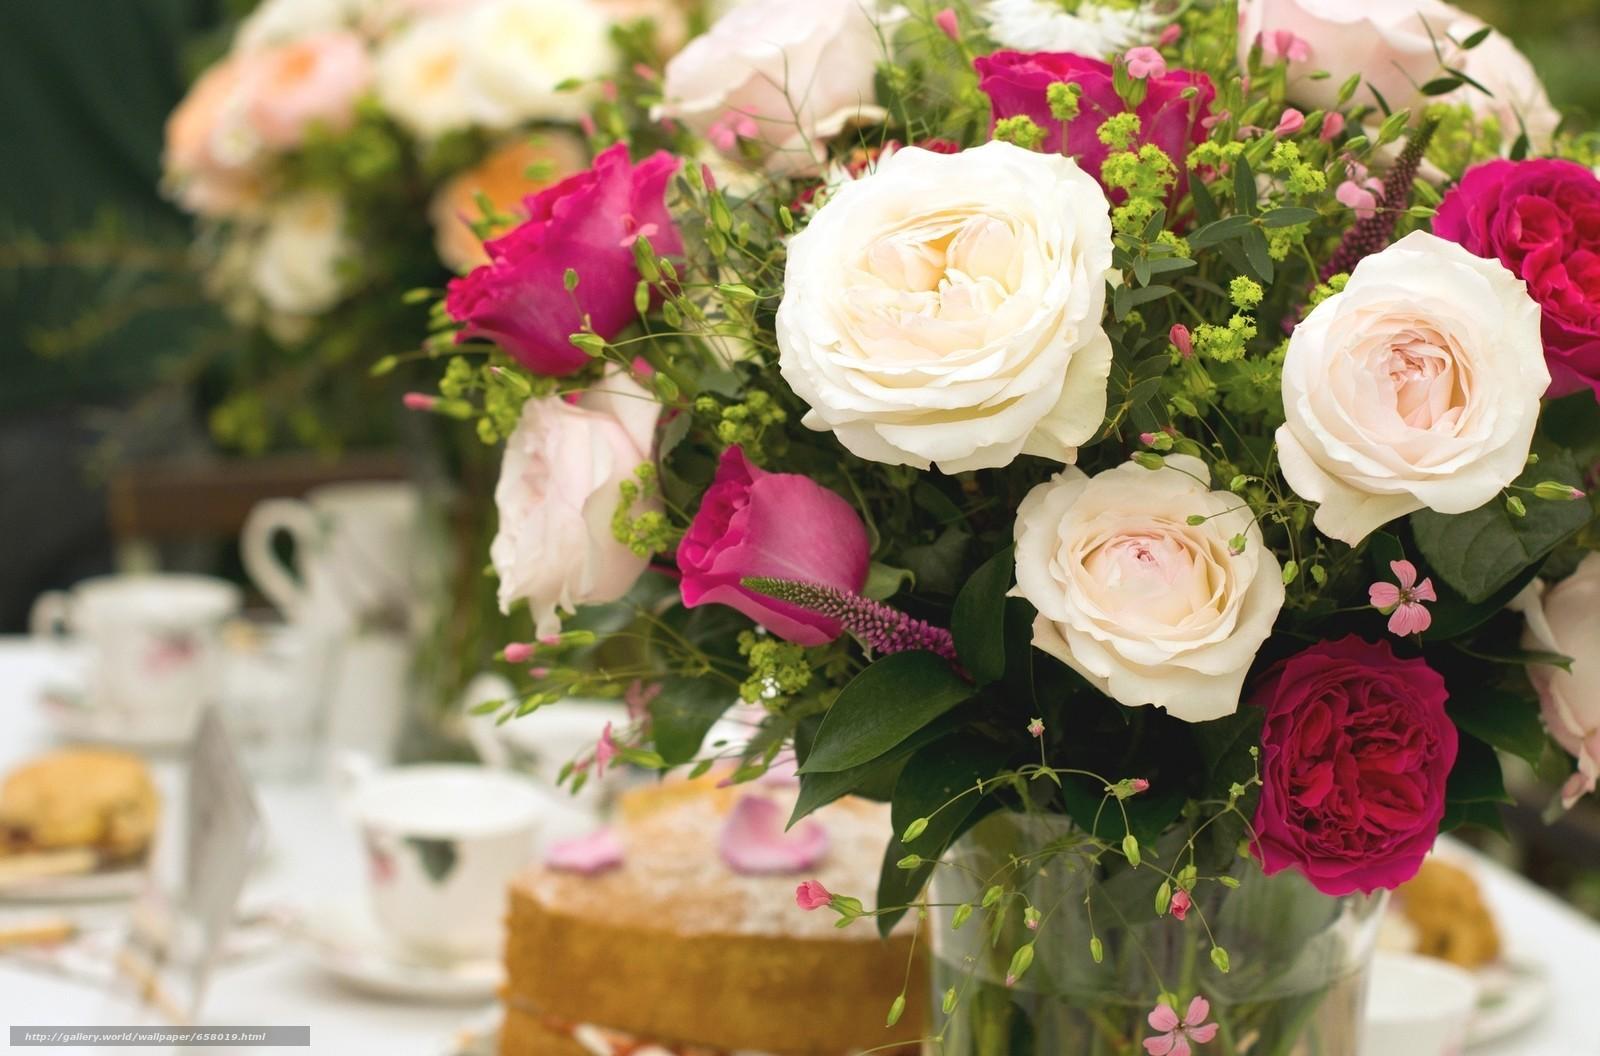 Скачать обои цветы,  цветок,  роза,  розы бесплатно для рабочего стола в разрешении 2048x1352 — картинка №658019